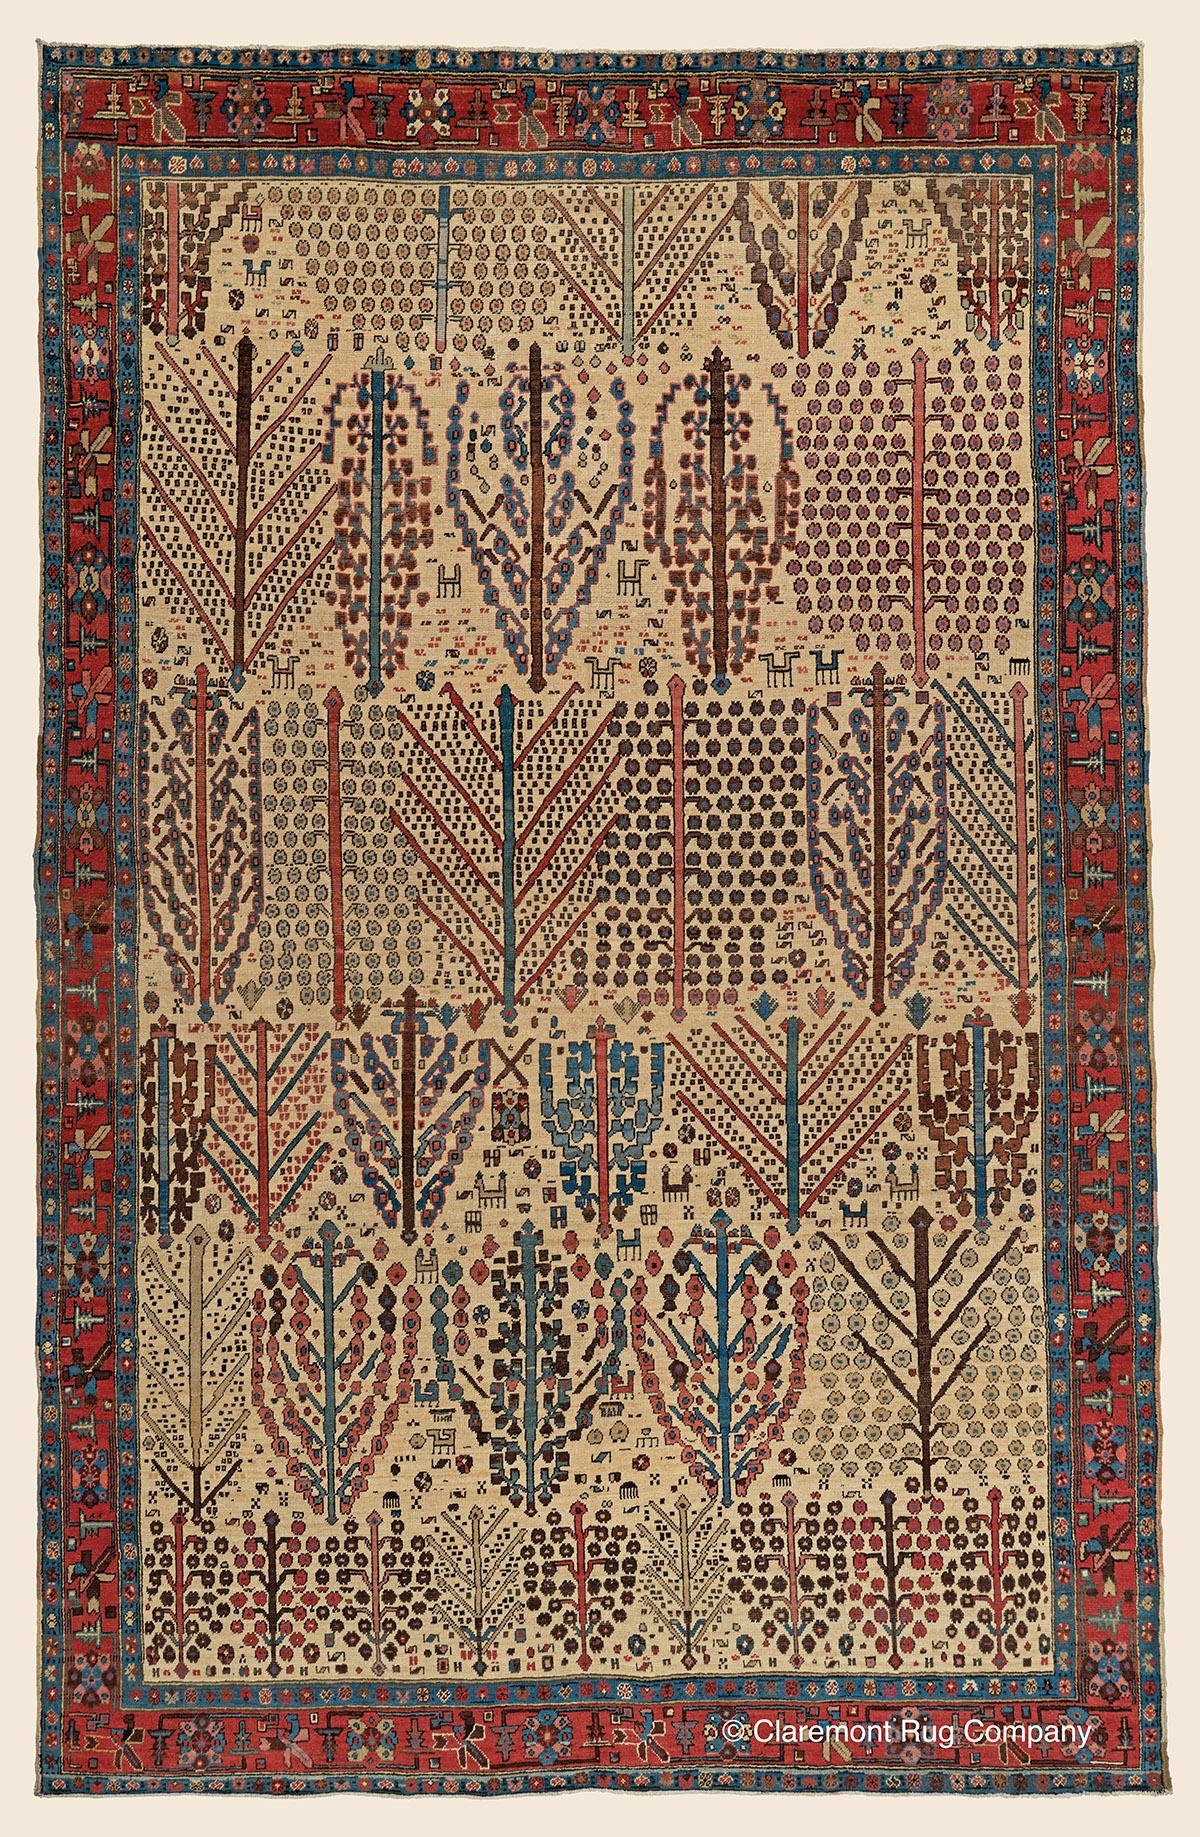 Antique Caucasian Oriental Stairway rugs displayed as wall art